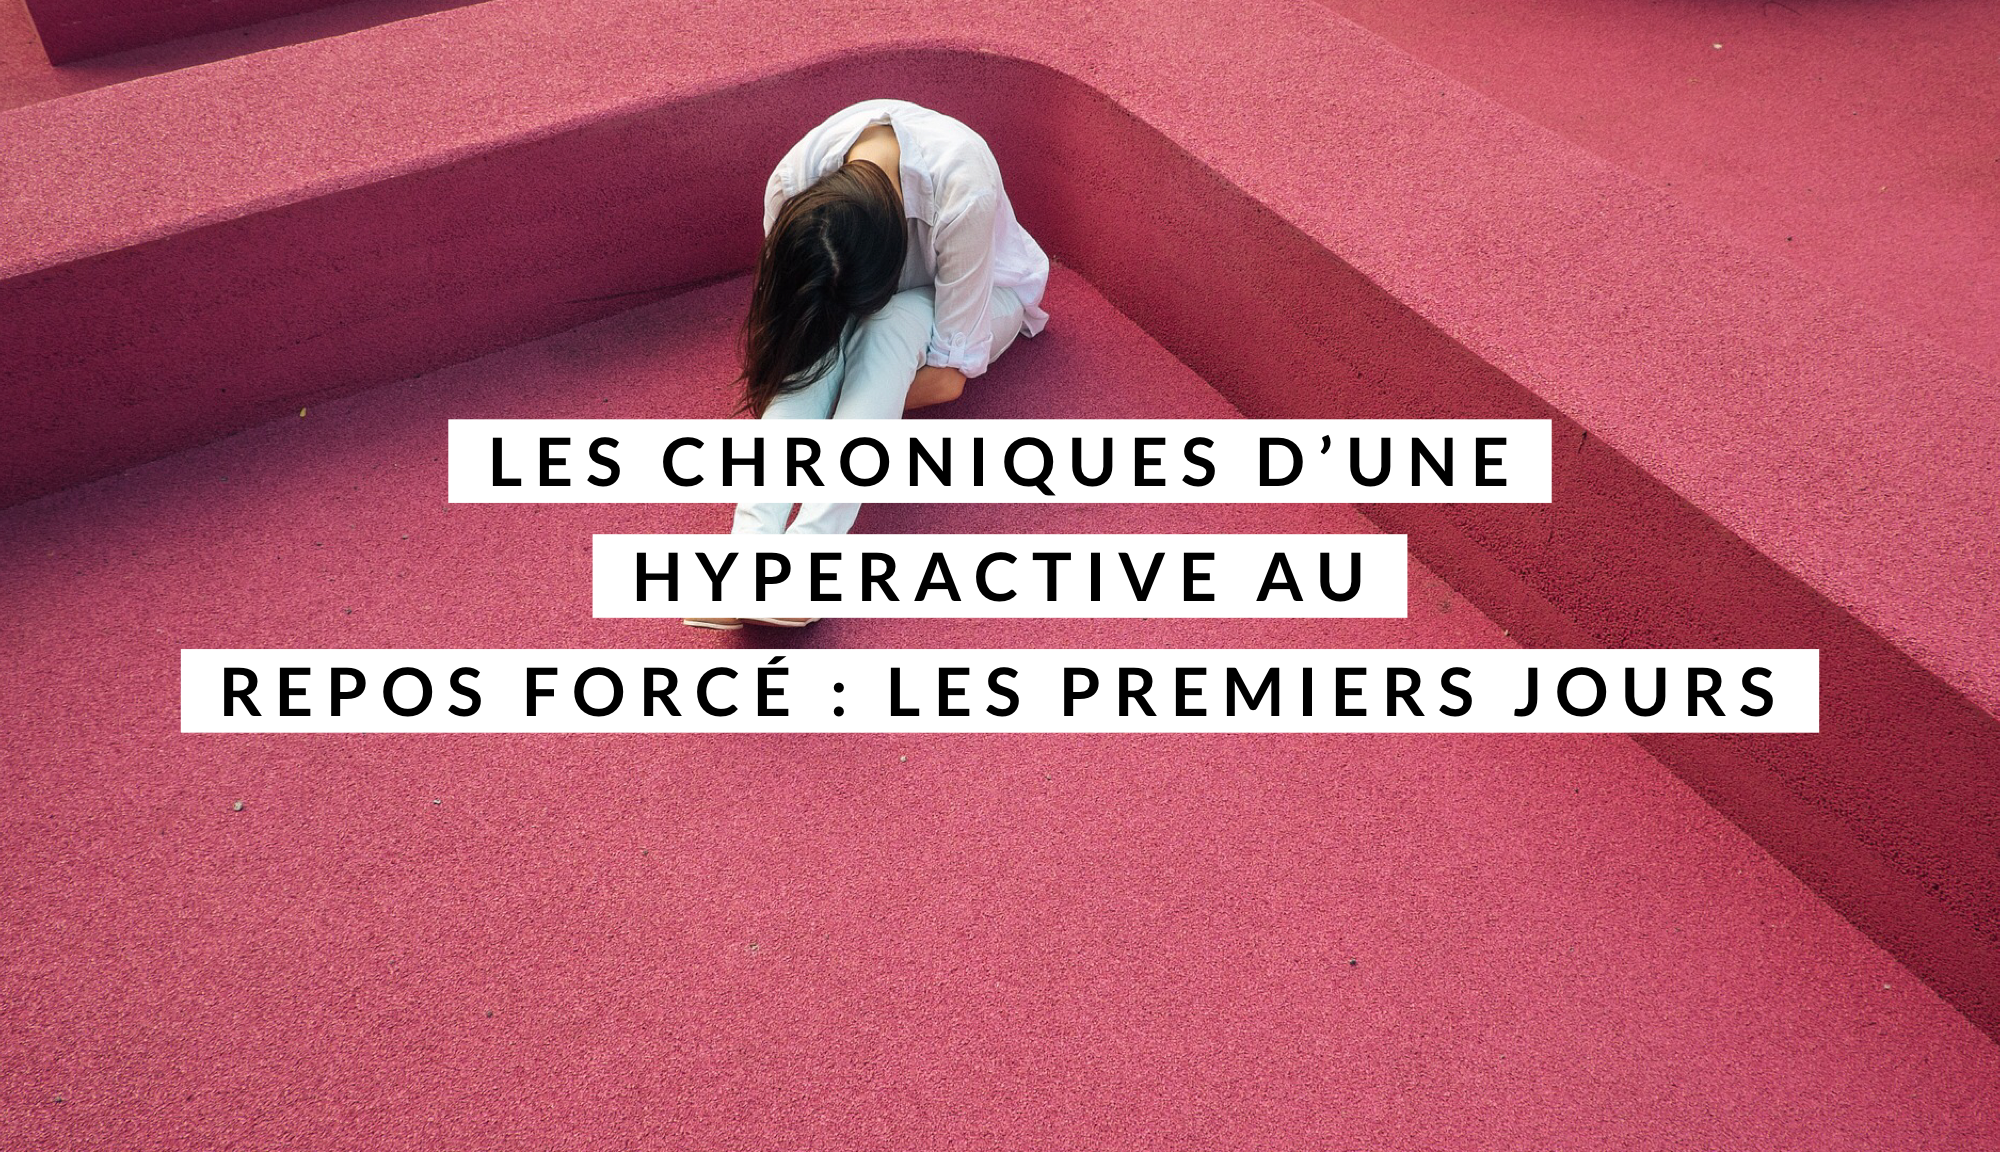 chroniques d'une hyperactive